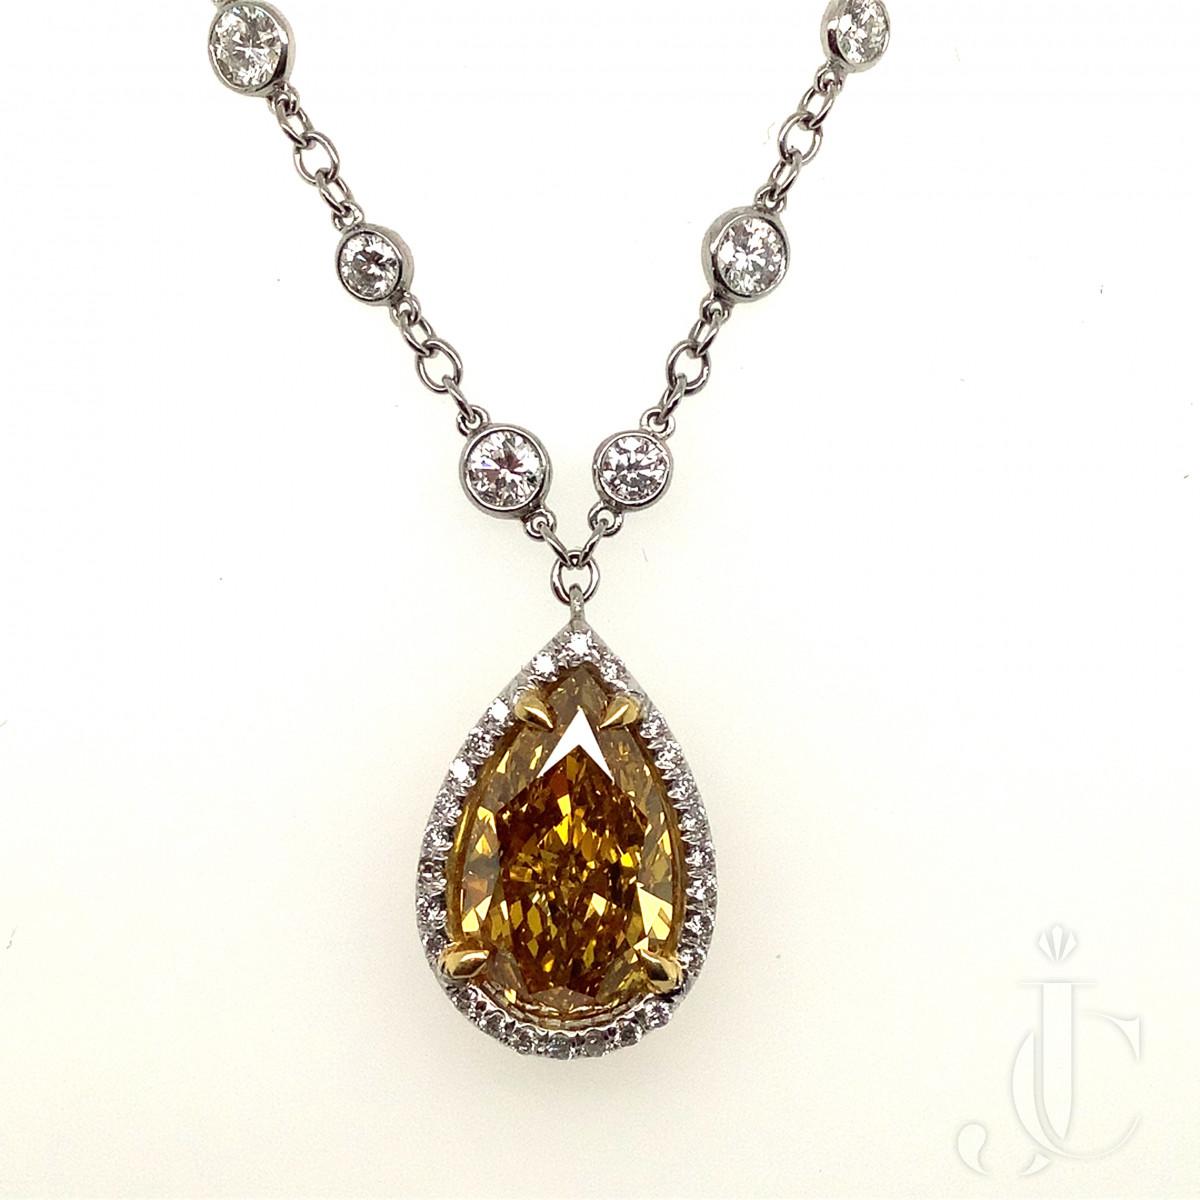 3.11ct Natural Fancy Color Pear Shape Diamond Pendant